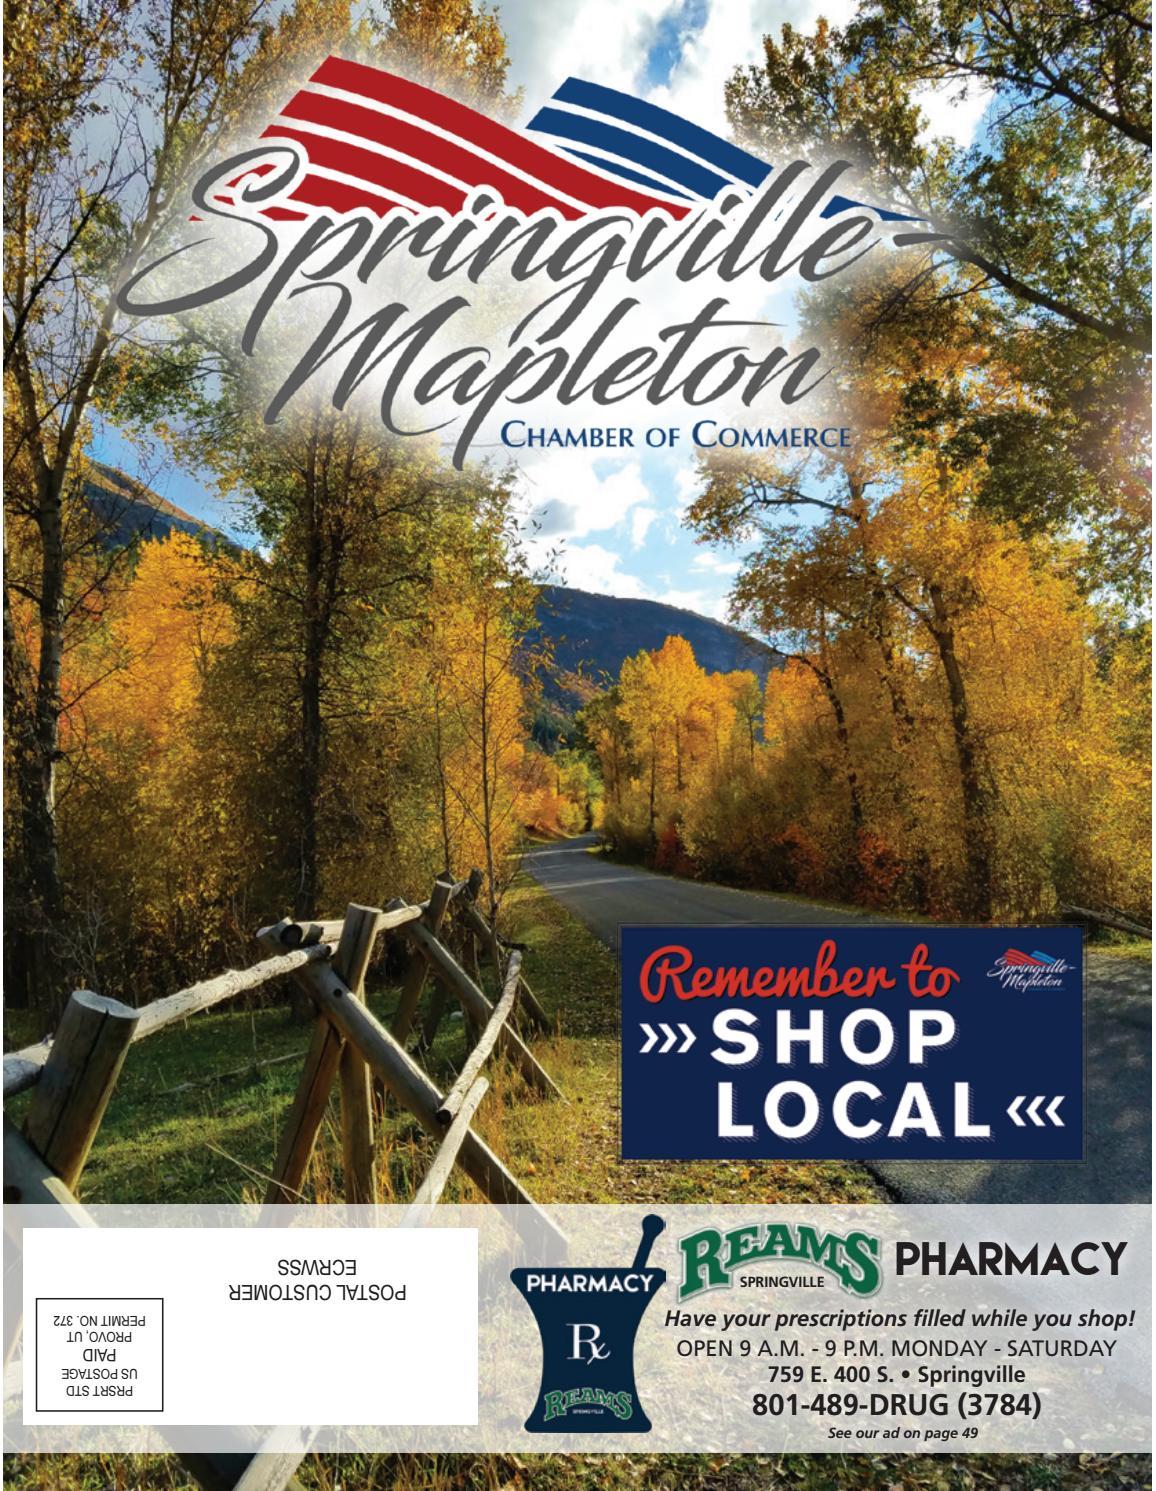 2019 Springville Mapleton Chamber of Commerce Magazine by